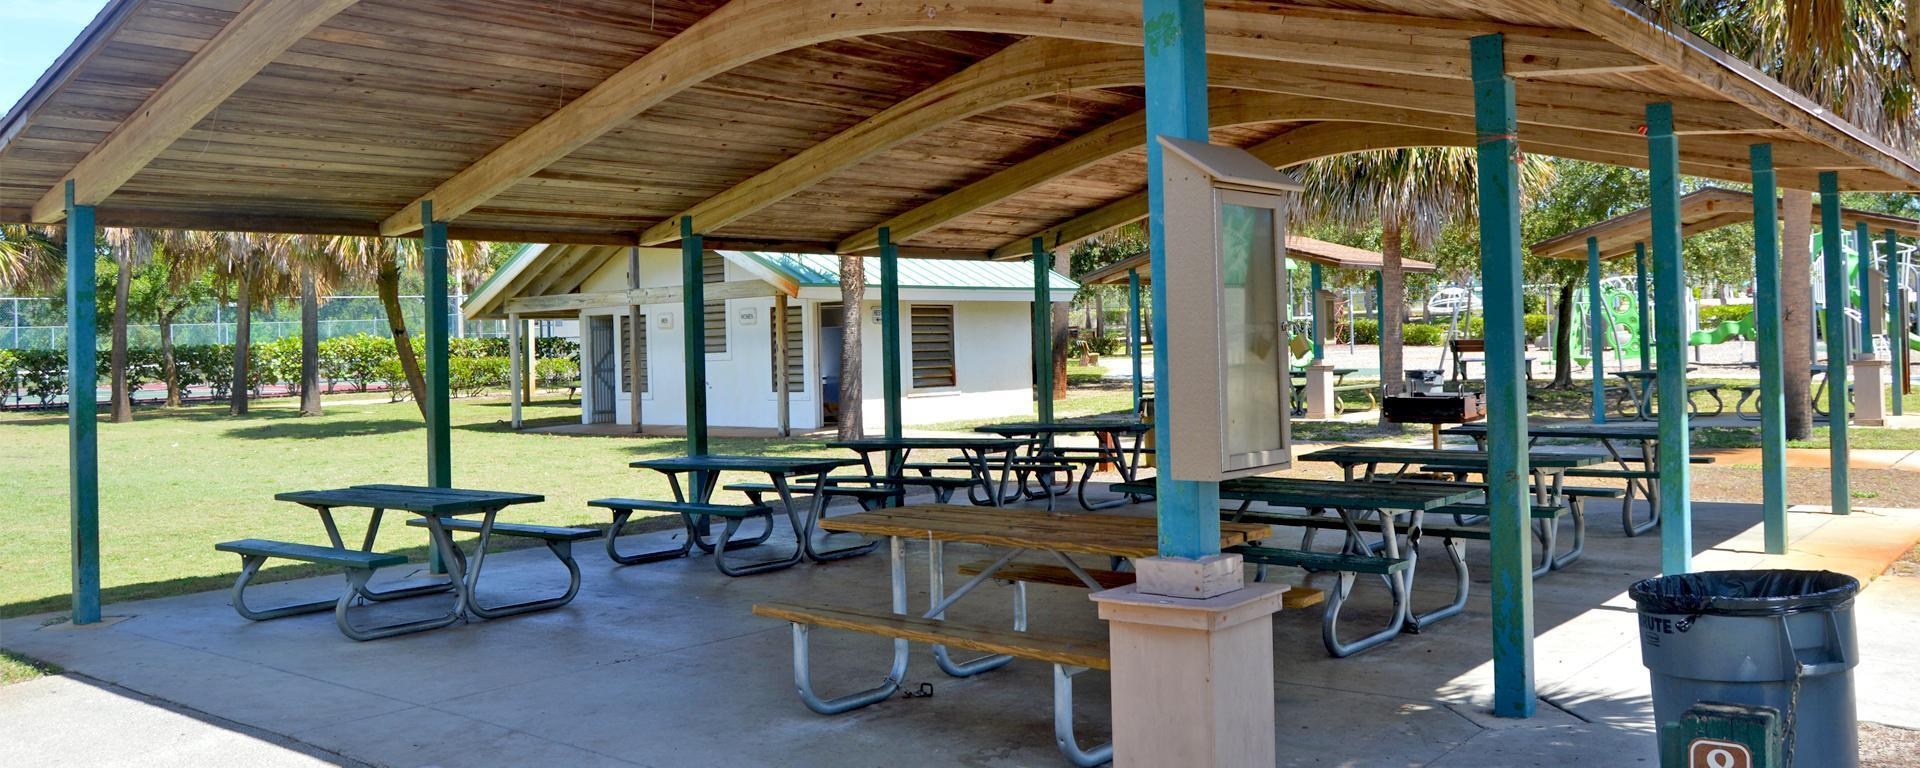 A pavilion at Langford Park